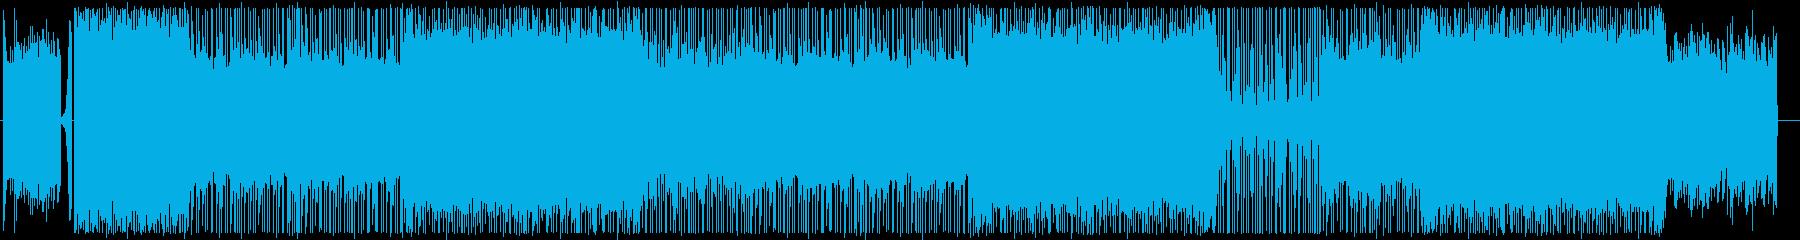 ピアノ/ヒップホップ/サイバー/#2の再生済みの波形